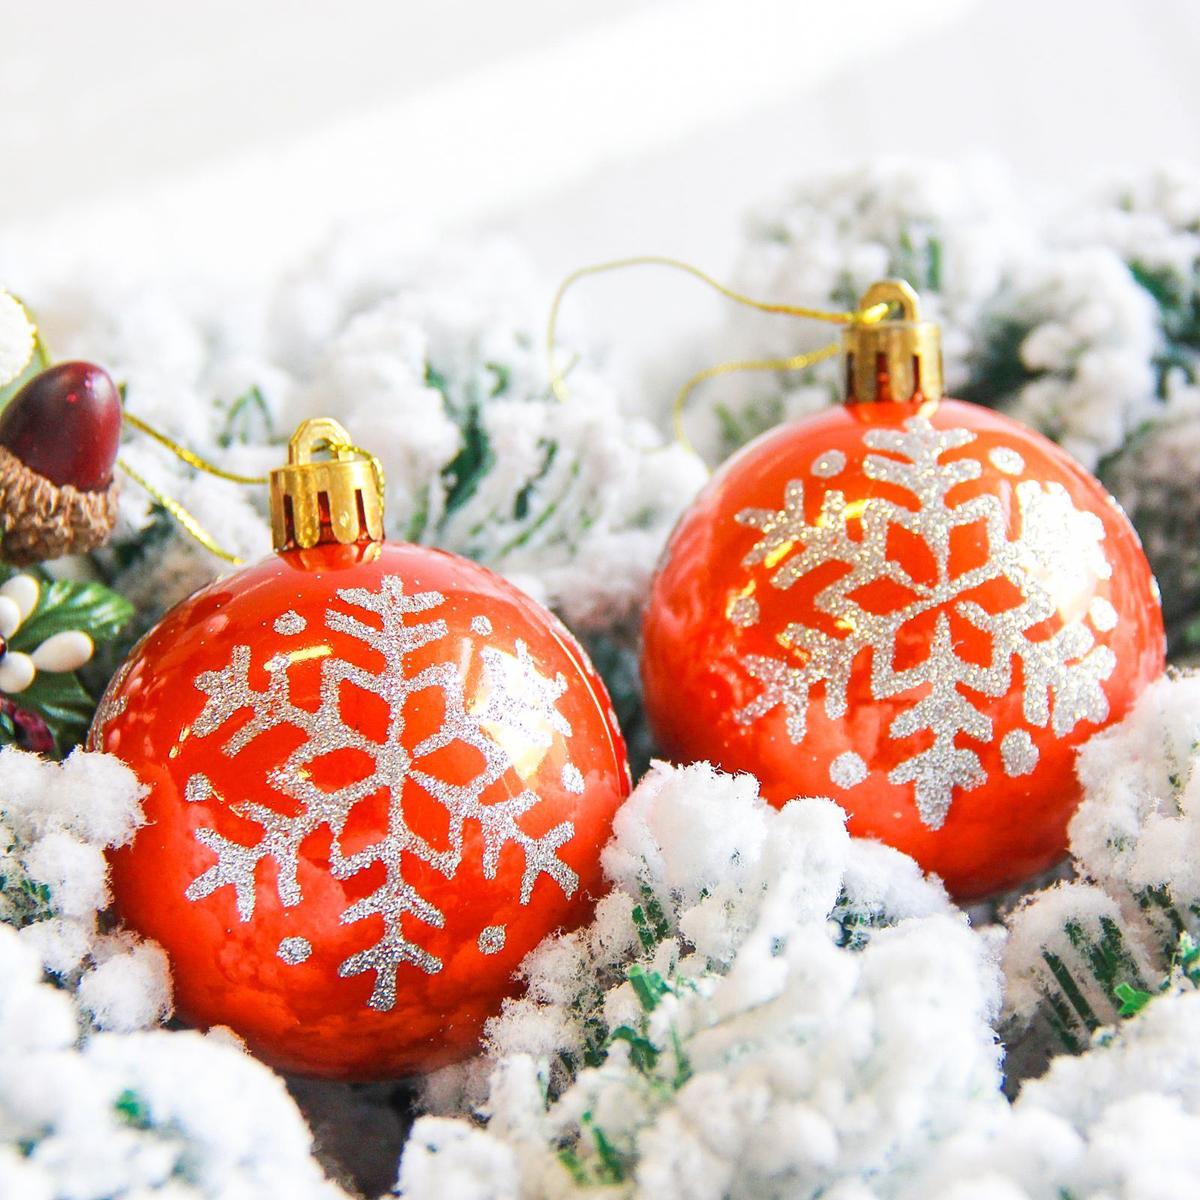 Набор новогодних подвесных украшений Sima-land Снежинка капель, цвет: оранжевый, диаметр 6 см, 6 шт2178182Набор новогодних подвесных украшений Sima-land отлично подойдет для декорации вашего дома и новогодней ели. С помощью специальной петельки украшение можно повесить в любом понравившемся вам месте. Но, конечно, удачнее всего оно будет смотреться на праздничной елке. Елочная игрушка - символ Нового года. Она несет в себе волшебство и красоту праздника. Создайте в своем доме атмосферу веселья и радости, украшая новогоднюю елку нарядными игрушками, которые будут из года в год накапливать теплоту воспоминаний.